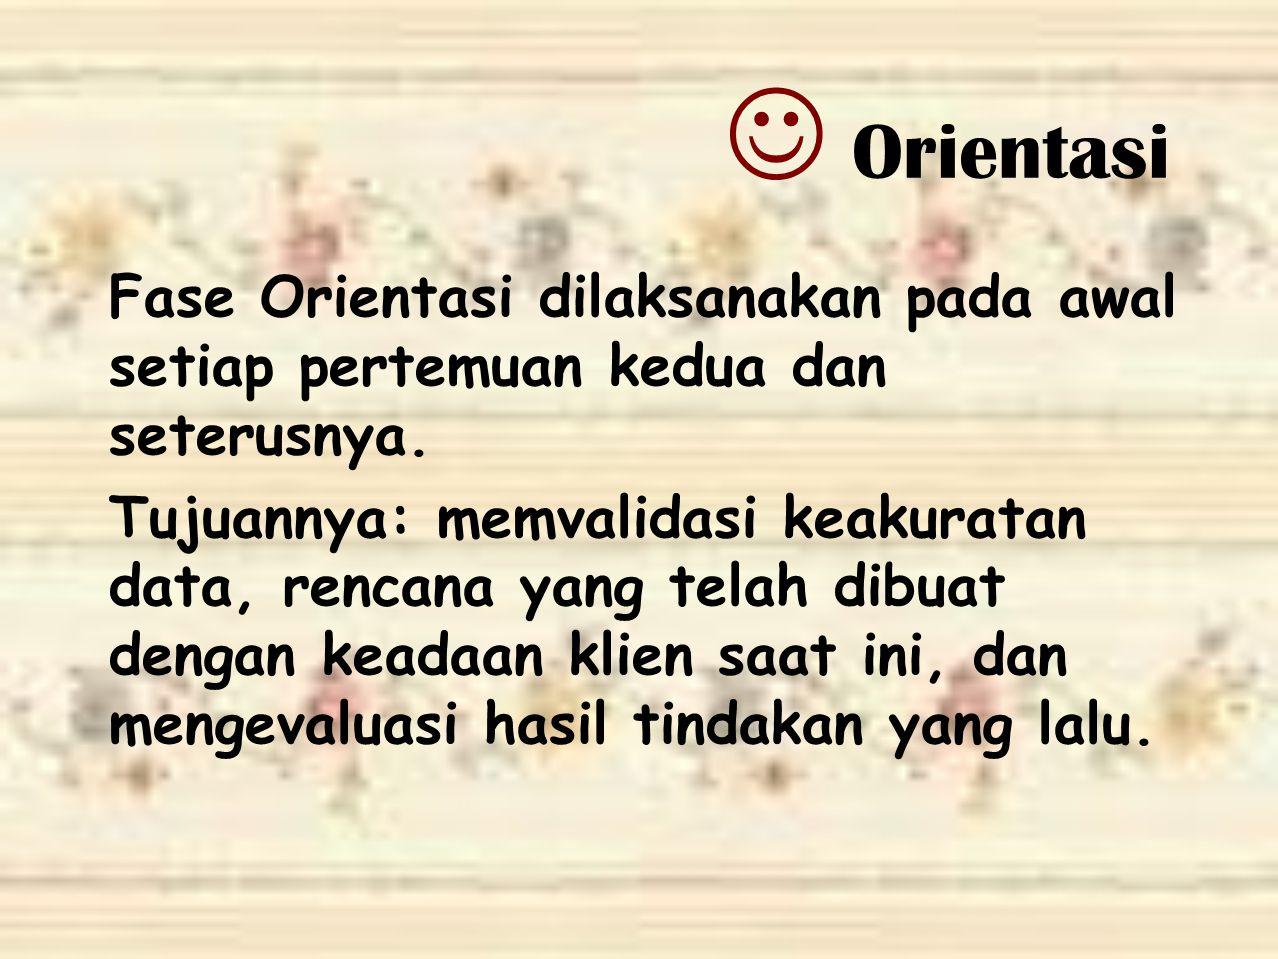 Orientasi Fase Orientasi dilaksanakan pada awal setiap pertemuan kedua dan seterusnya.